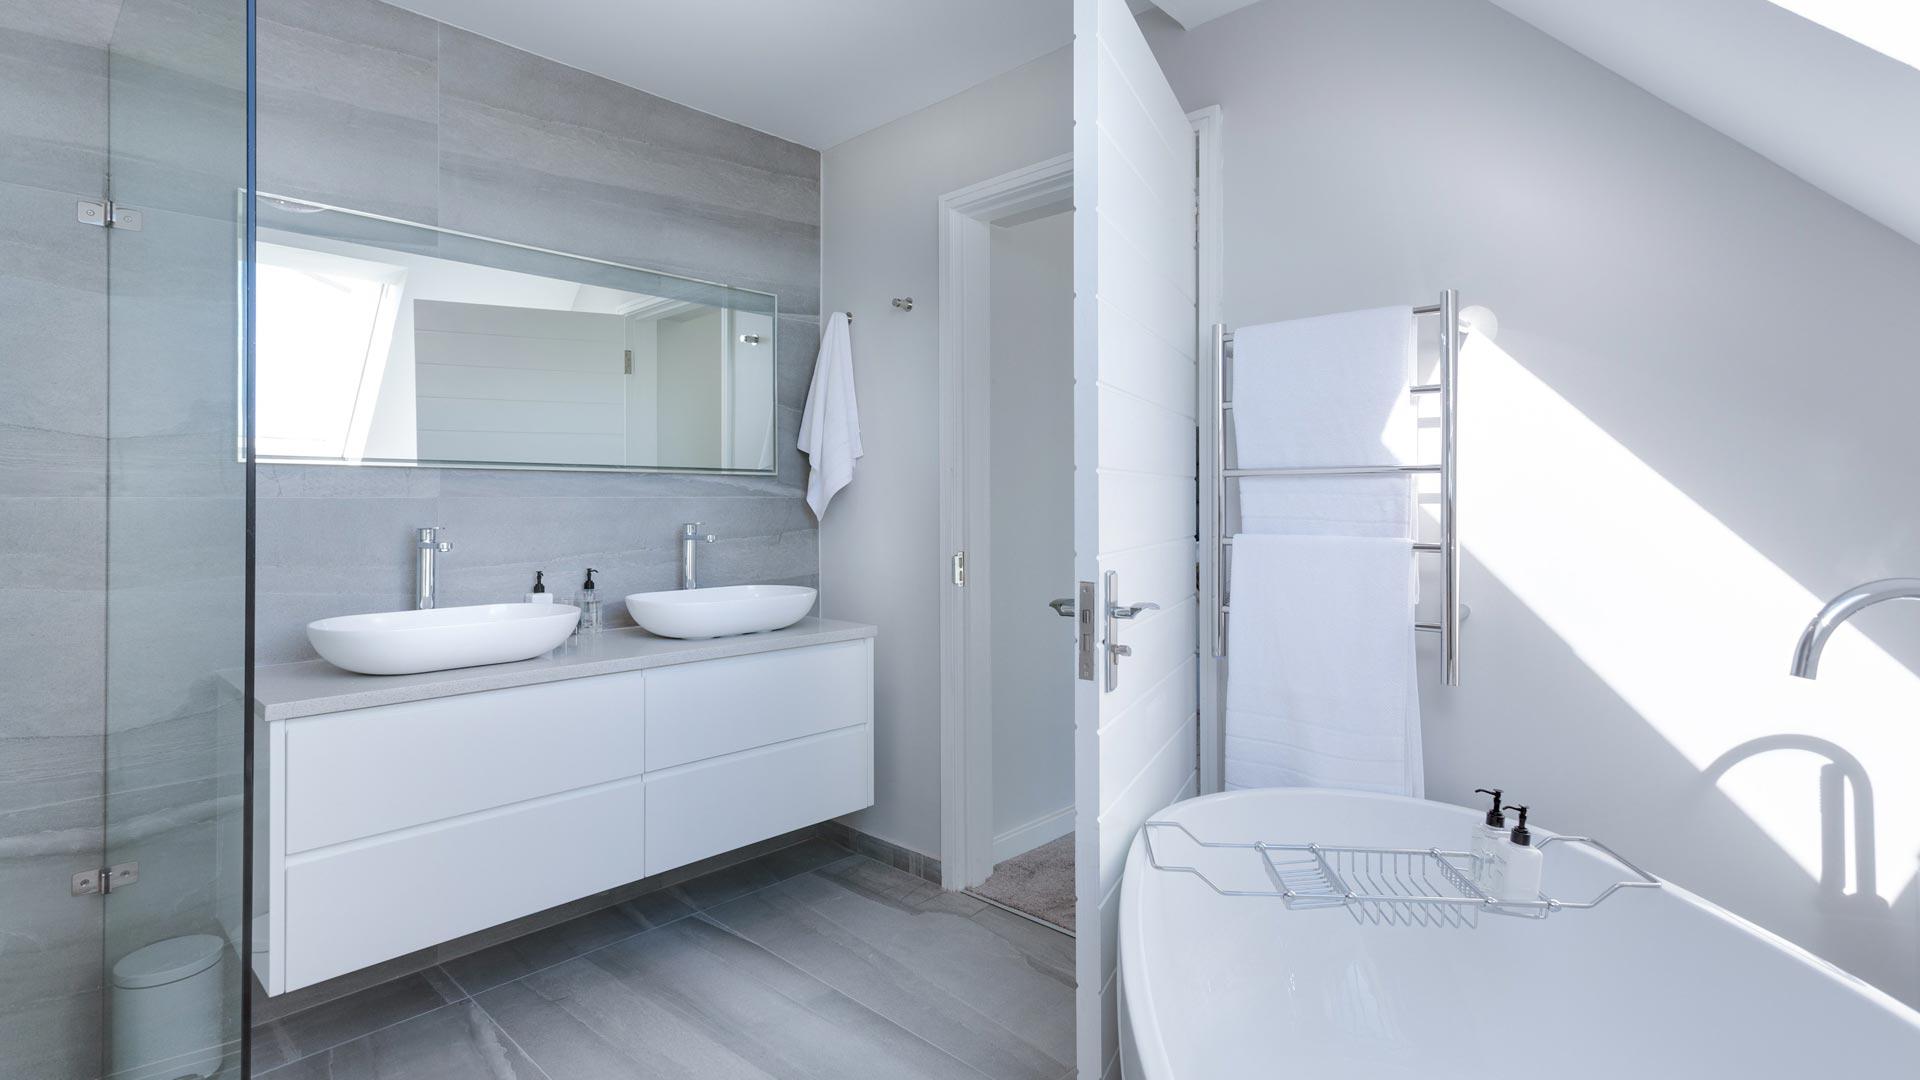 Delò - blogpost ristrutturare il bagno